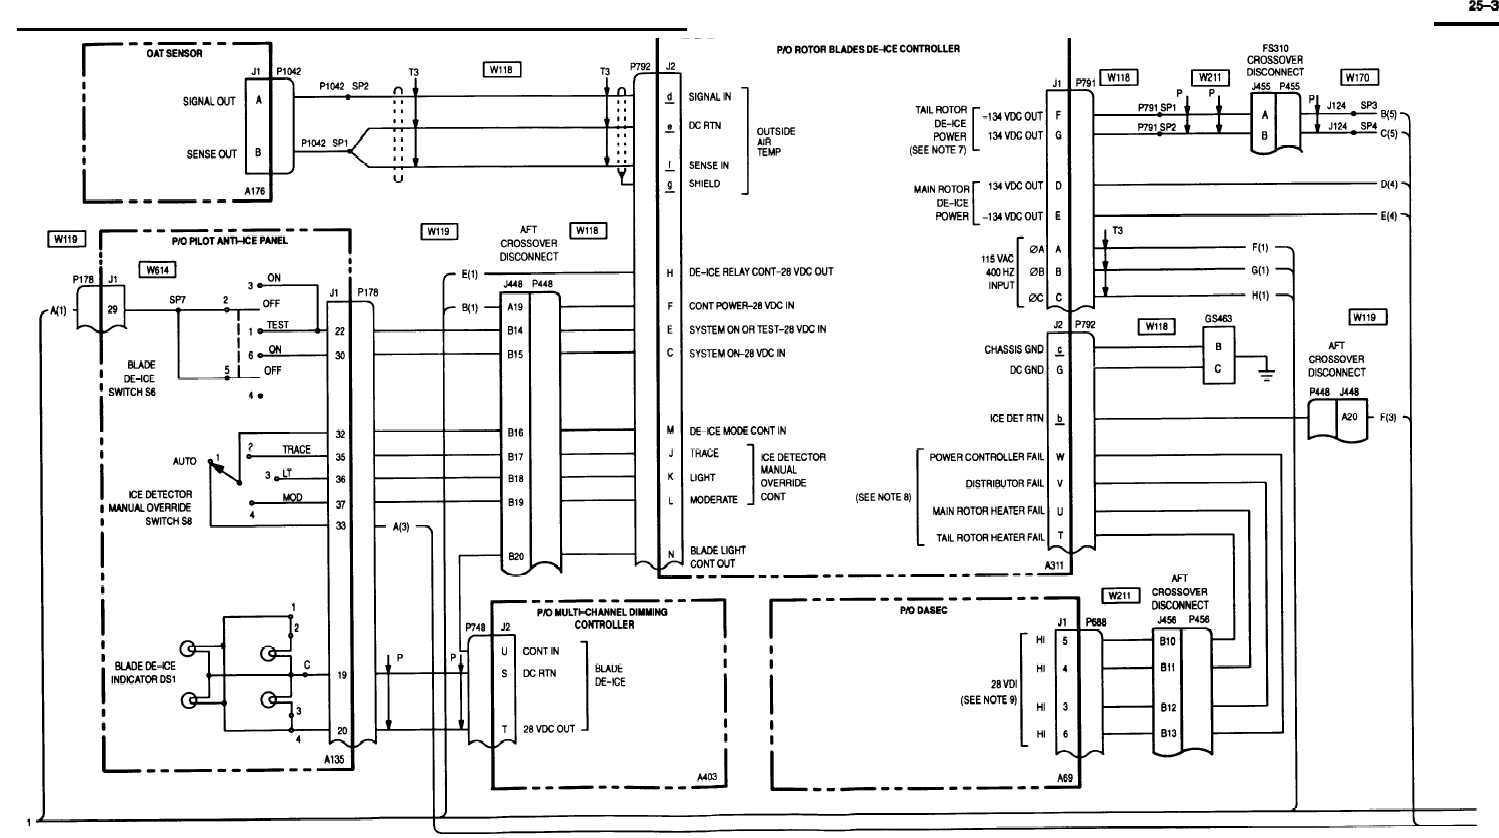 [QNCB_7524]  HX_7736] 2007 Suzuki Boulevard S50 Wire Diagram Wiring Diagram | 2007 Suzuki M50 Wiring Diagram |  | Numap Ricis Phae Mohammedshrine Librar Wiring 101